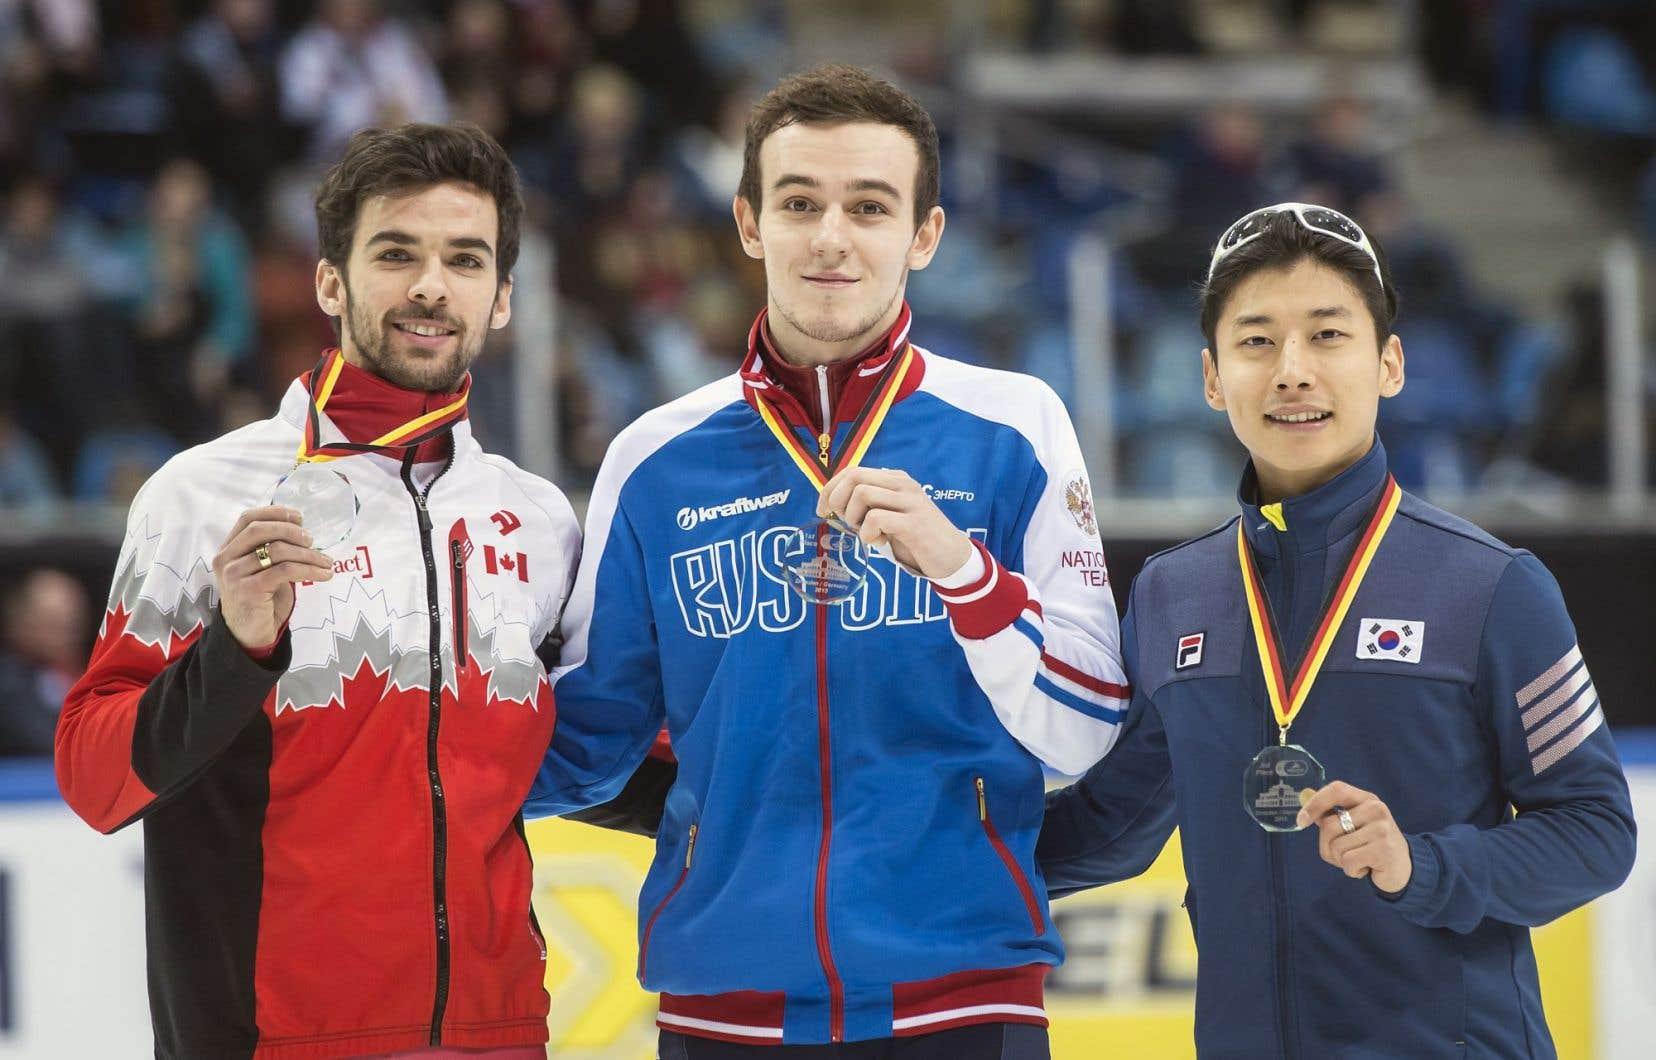 François Hamelin, à gauche, a fini deuxième au 500 mètres derrière le Russe Dmitry Migunov, au centre, et devant le Sud-coréen Kwak Yoon-Gy.